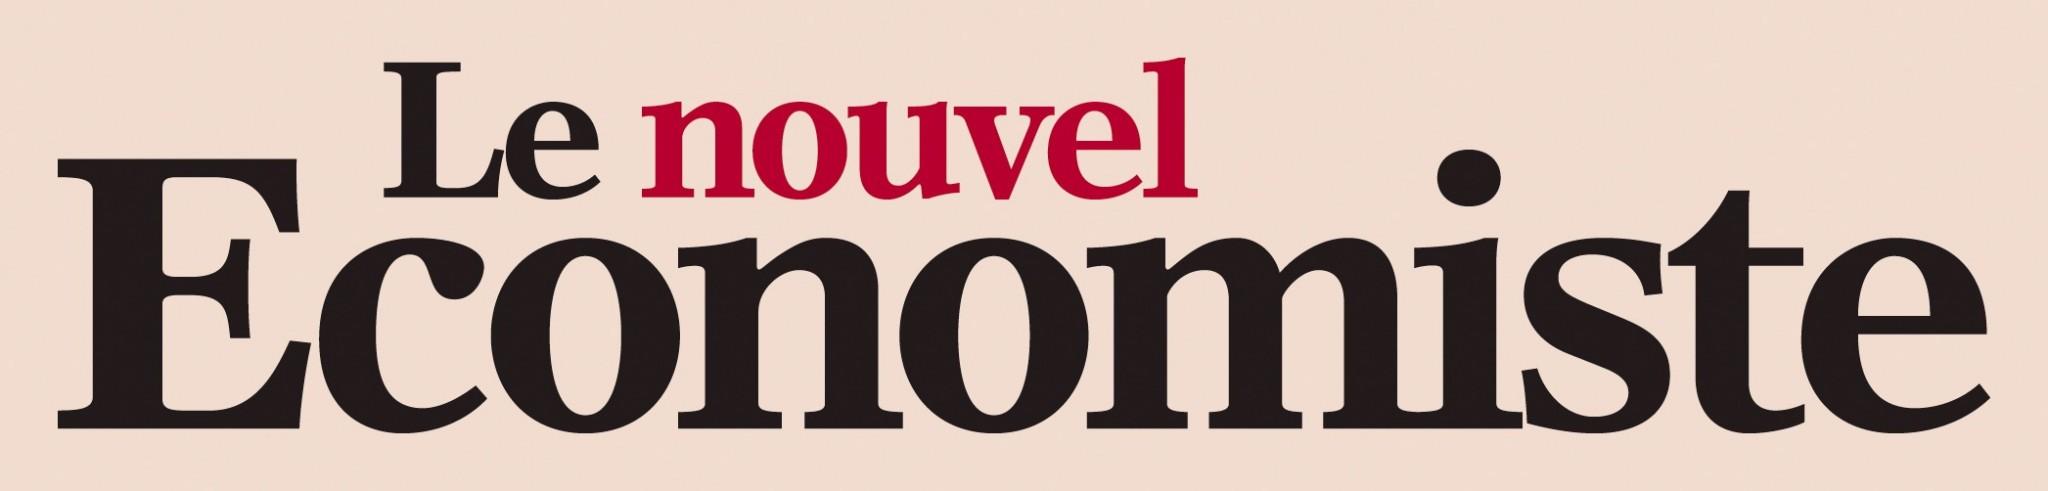 le-nouvel-economiste-logo_media